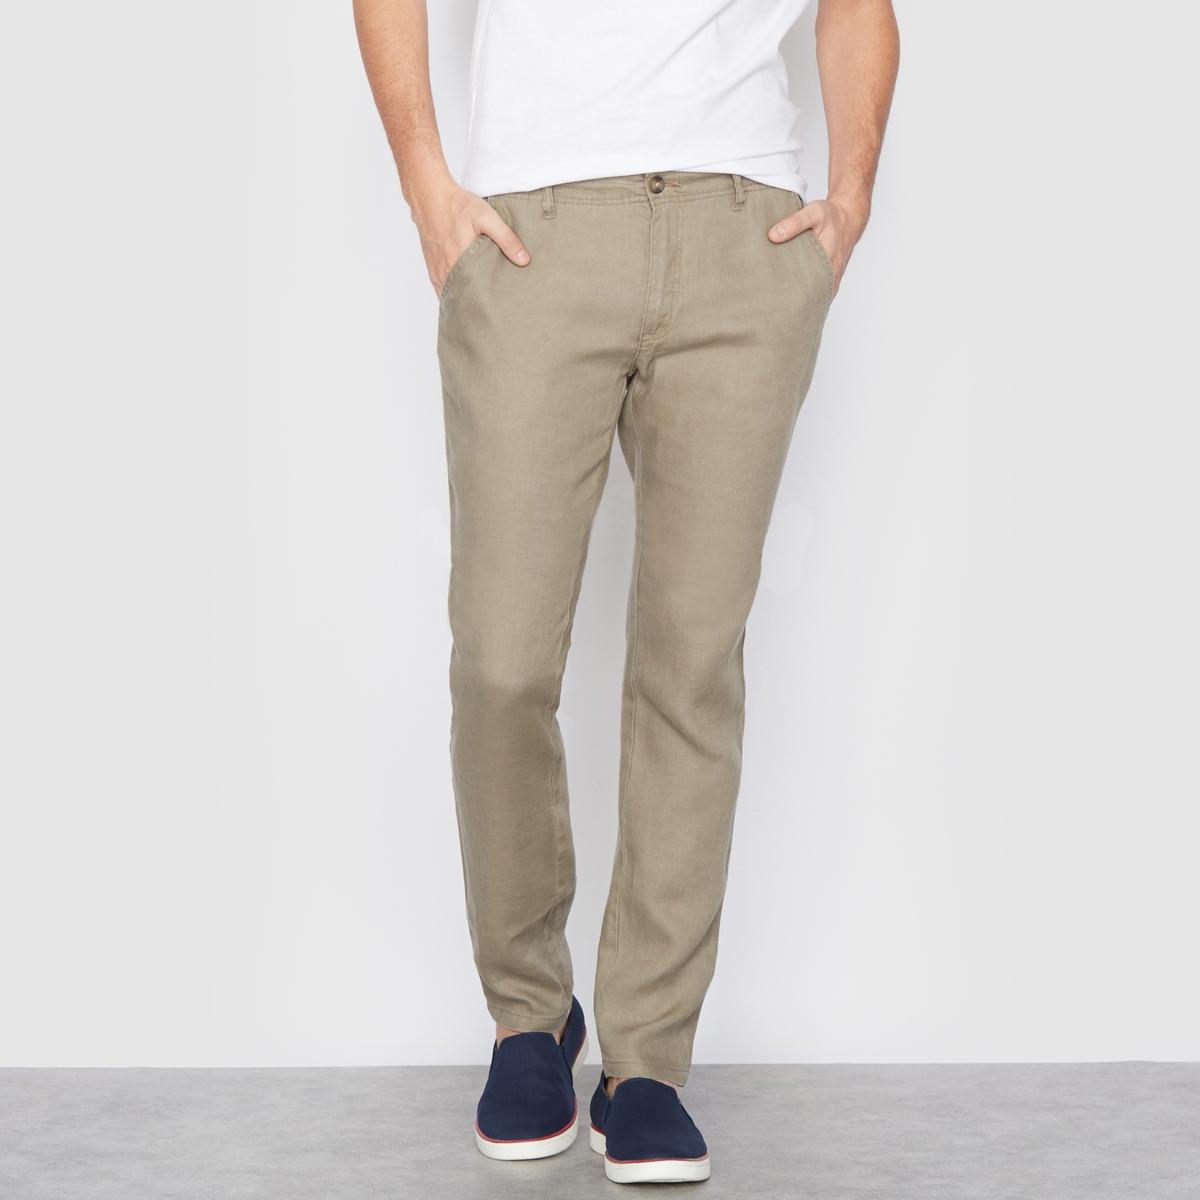 Брюки прямого покроя, 100% льна брюки из лиоцелла и льна